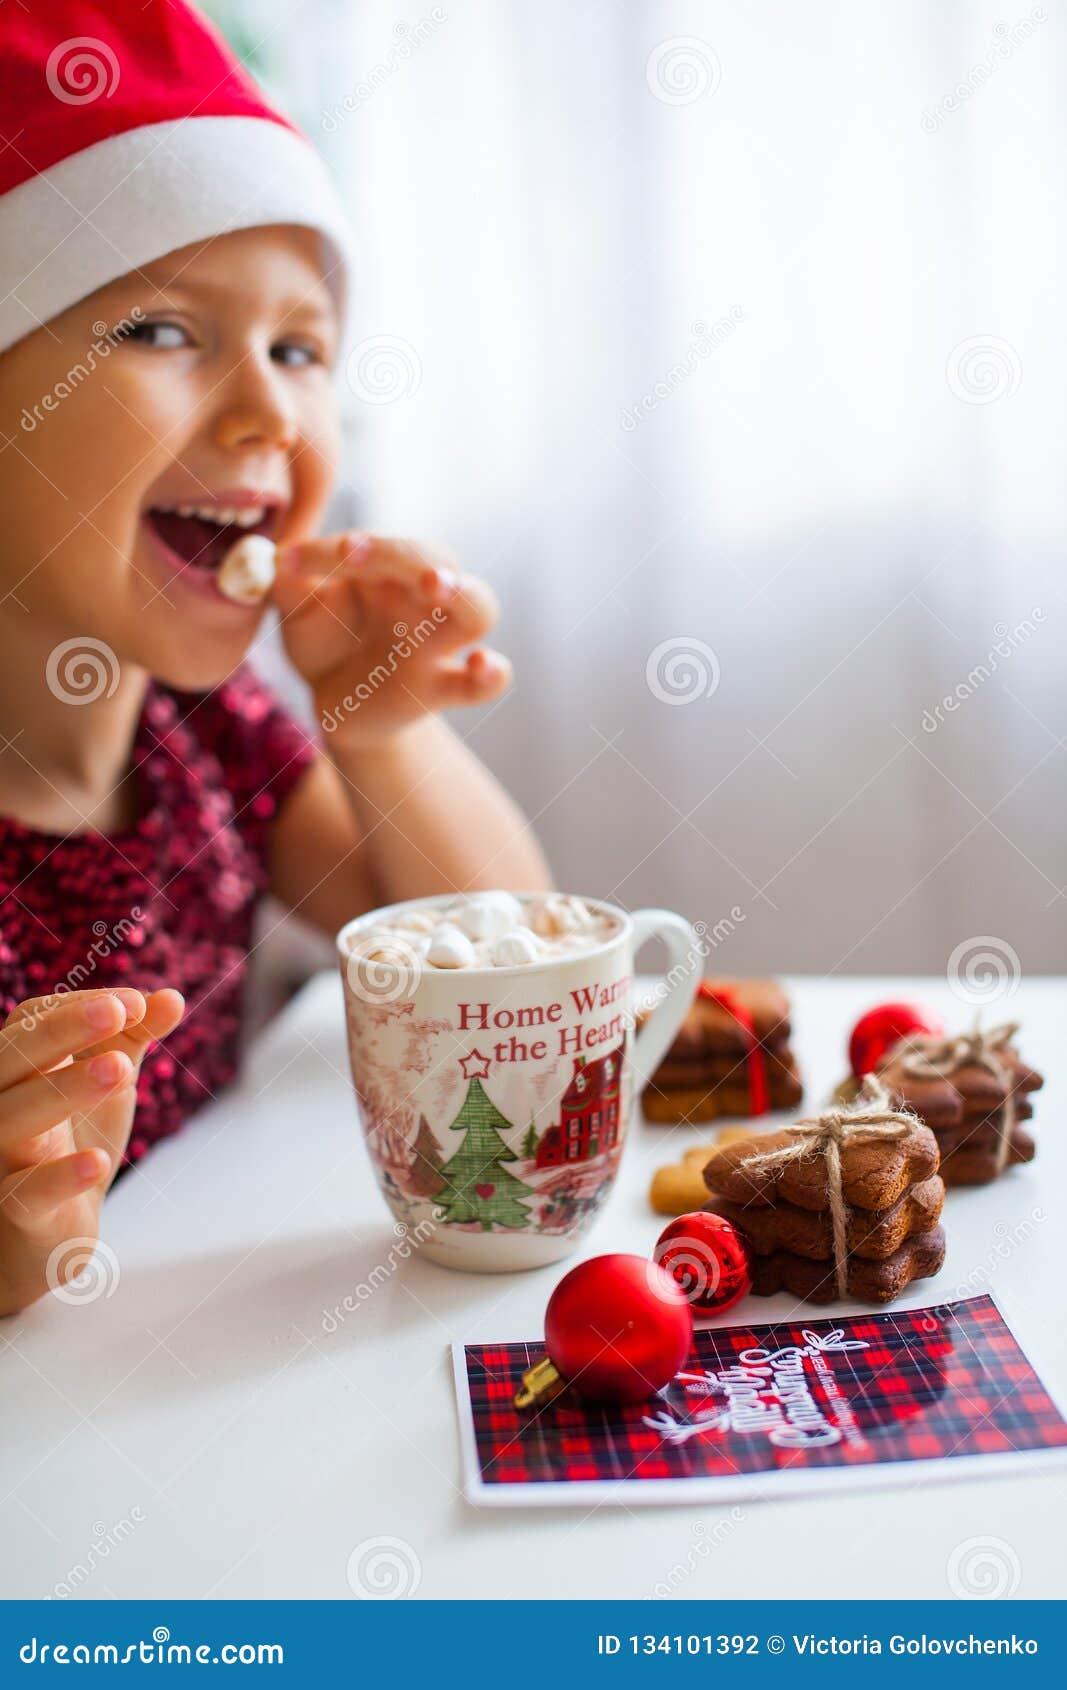 Μικρό κορίτσι στο καπέλο Santa που τρώει marshmallow από την κούπα με το κακάο και τα μπισκότα, εύθυμο Cristmas